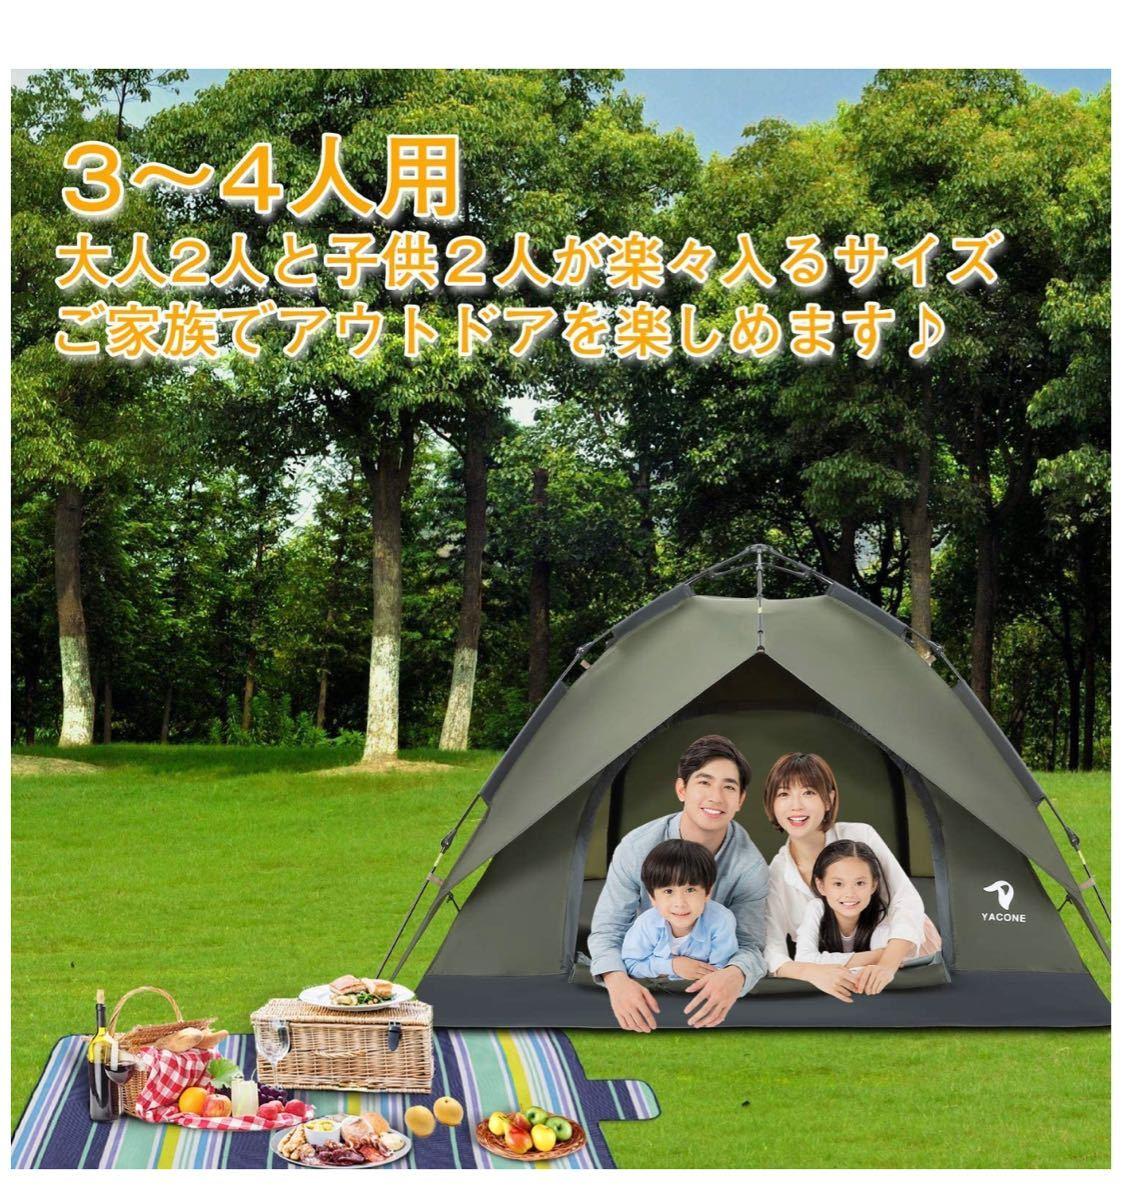 新品未使用!テント 3~4人用 ワンタッチテント 二重層 ワンタッチ 2WAY キャンプテント 設営簡単 コンパクト